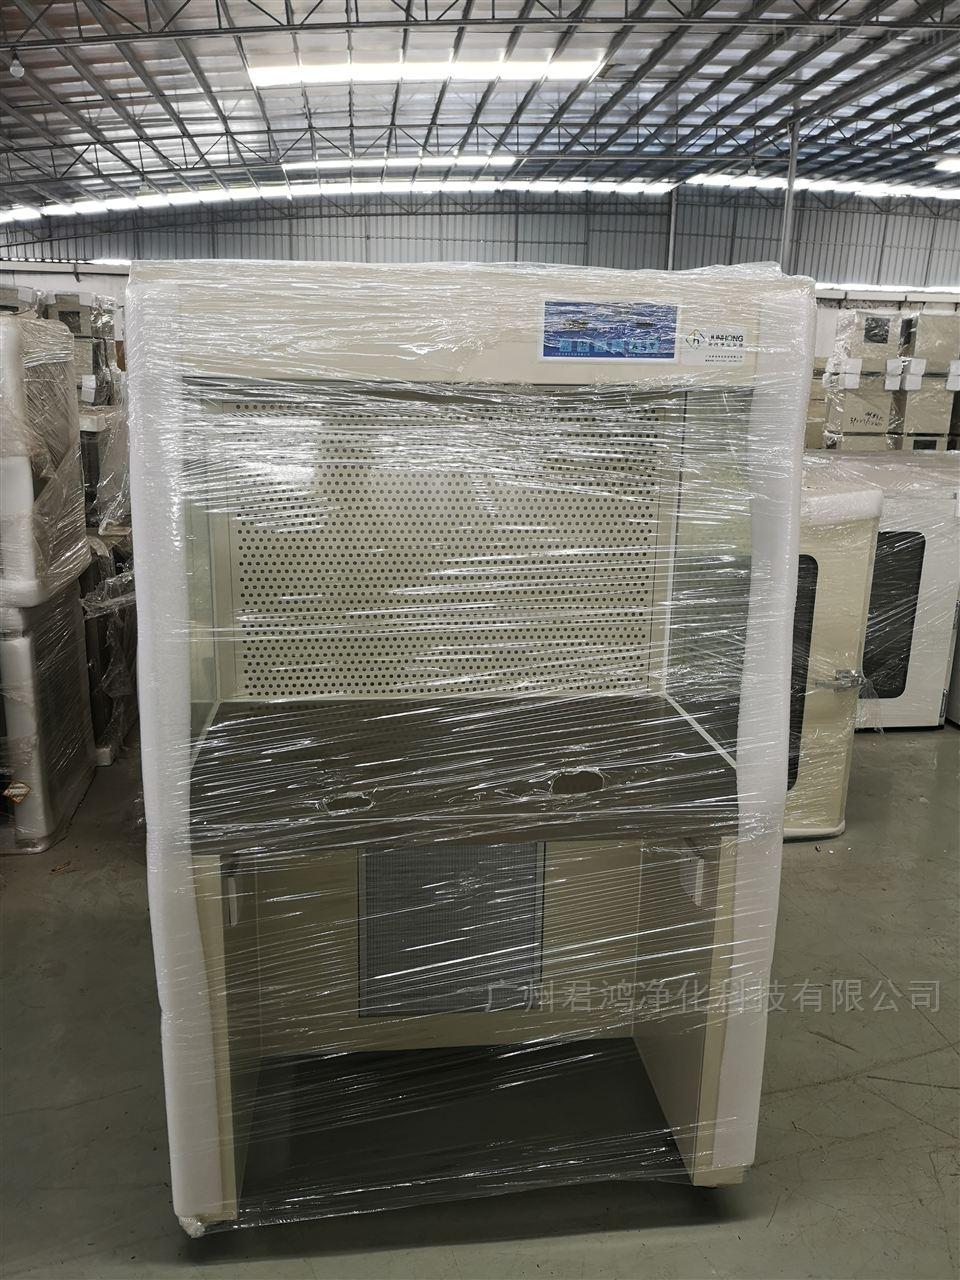 六盘水水平流洁净工作台优质原厂生产商